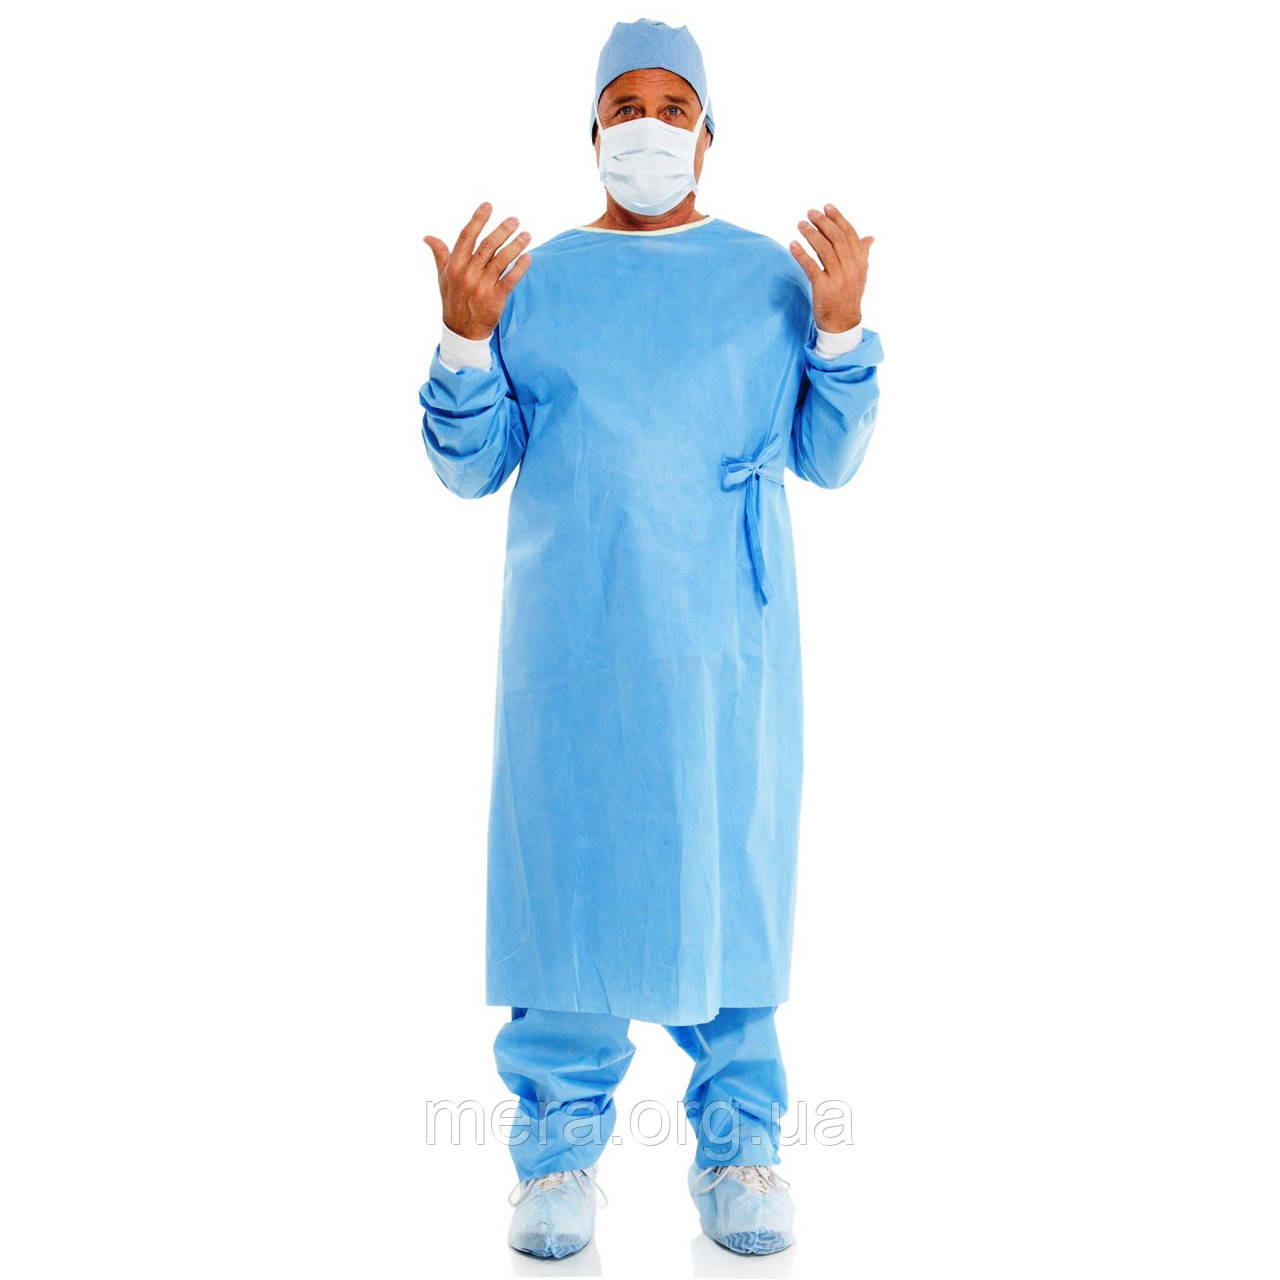 Халат хирургический размер L, стерильный, рукав с манжетой,